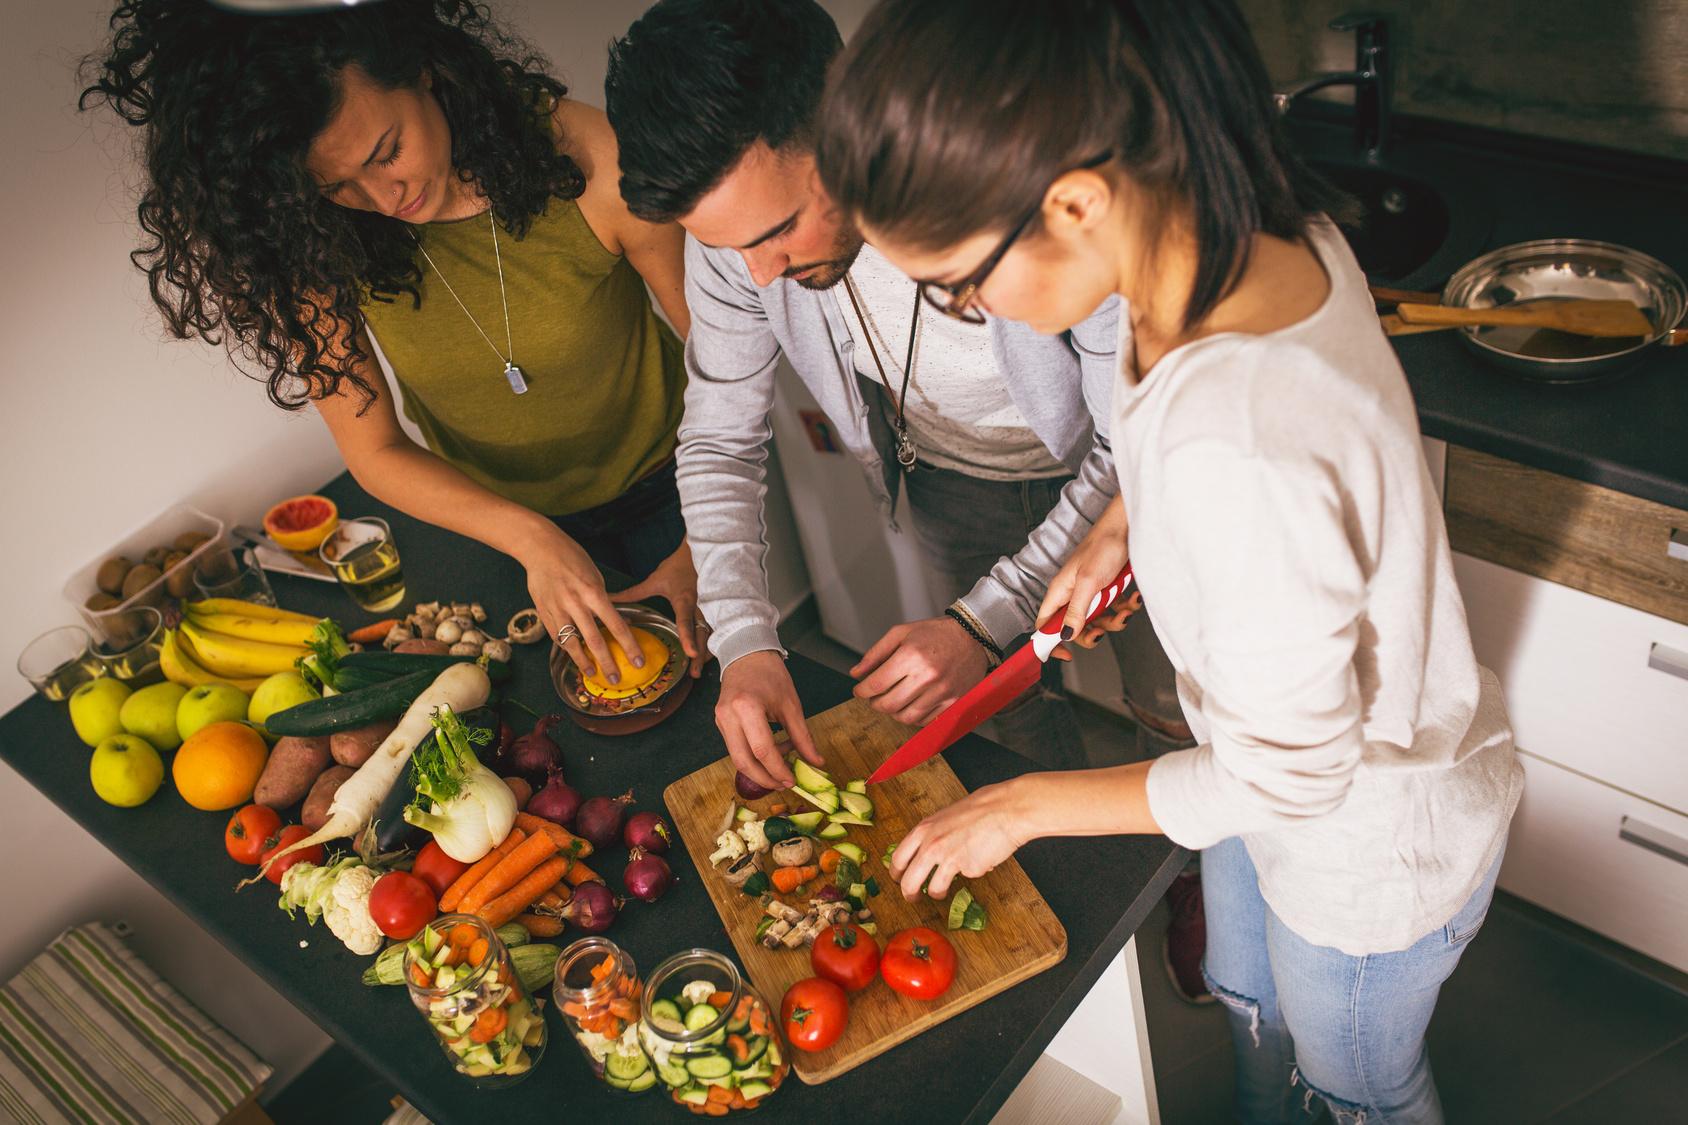 Drei Freunde bereiten gemeinsam in der Küche essen zu